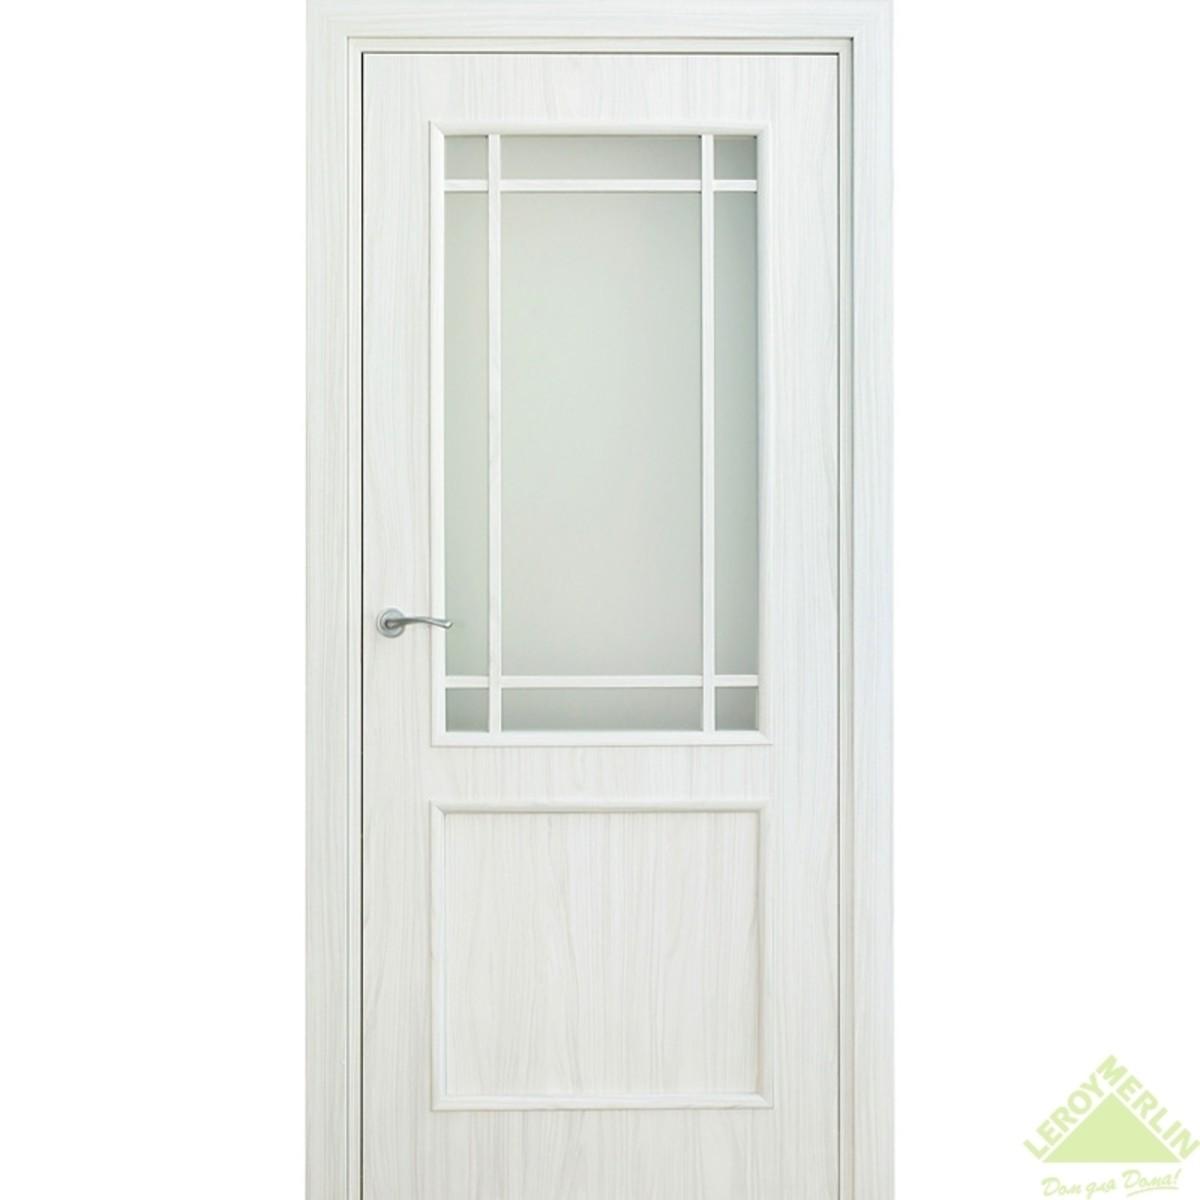 Дверь межкомнатная остеклённая Фортунато 819 600x2000 мм снежный палисандр